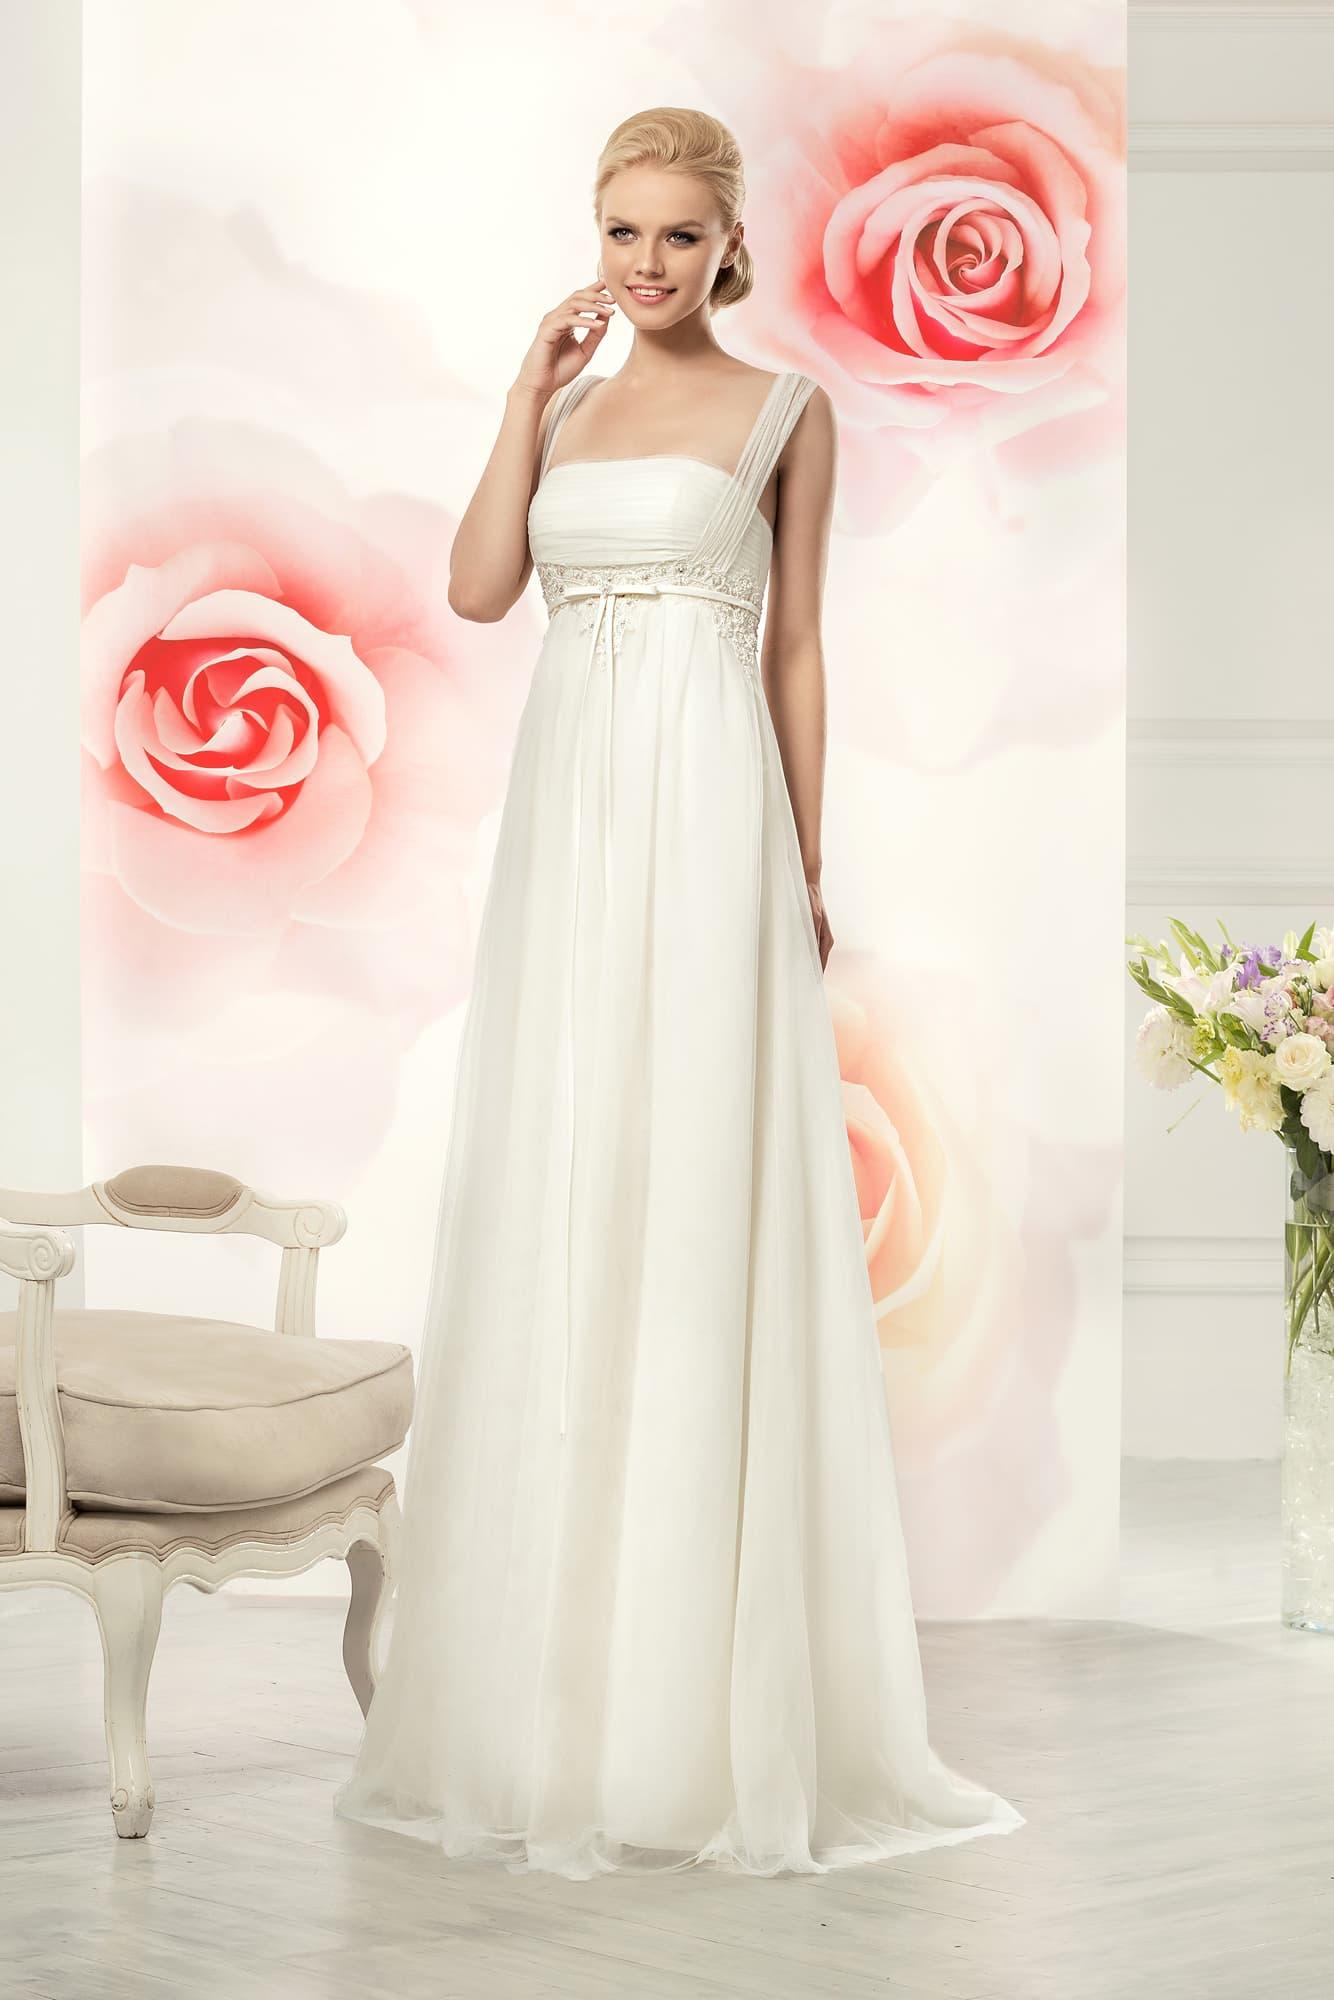 6ae8dd78e73 Нежное свадебное платье в ампирном стиле с кружевным декором завышенной  талии.